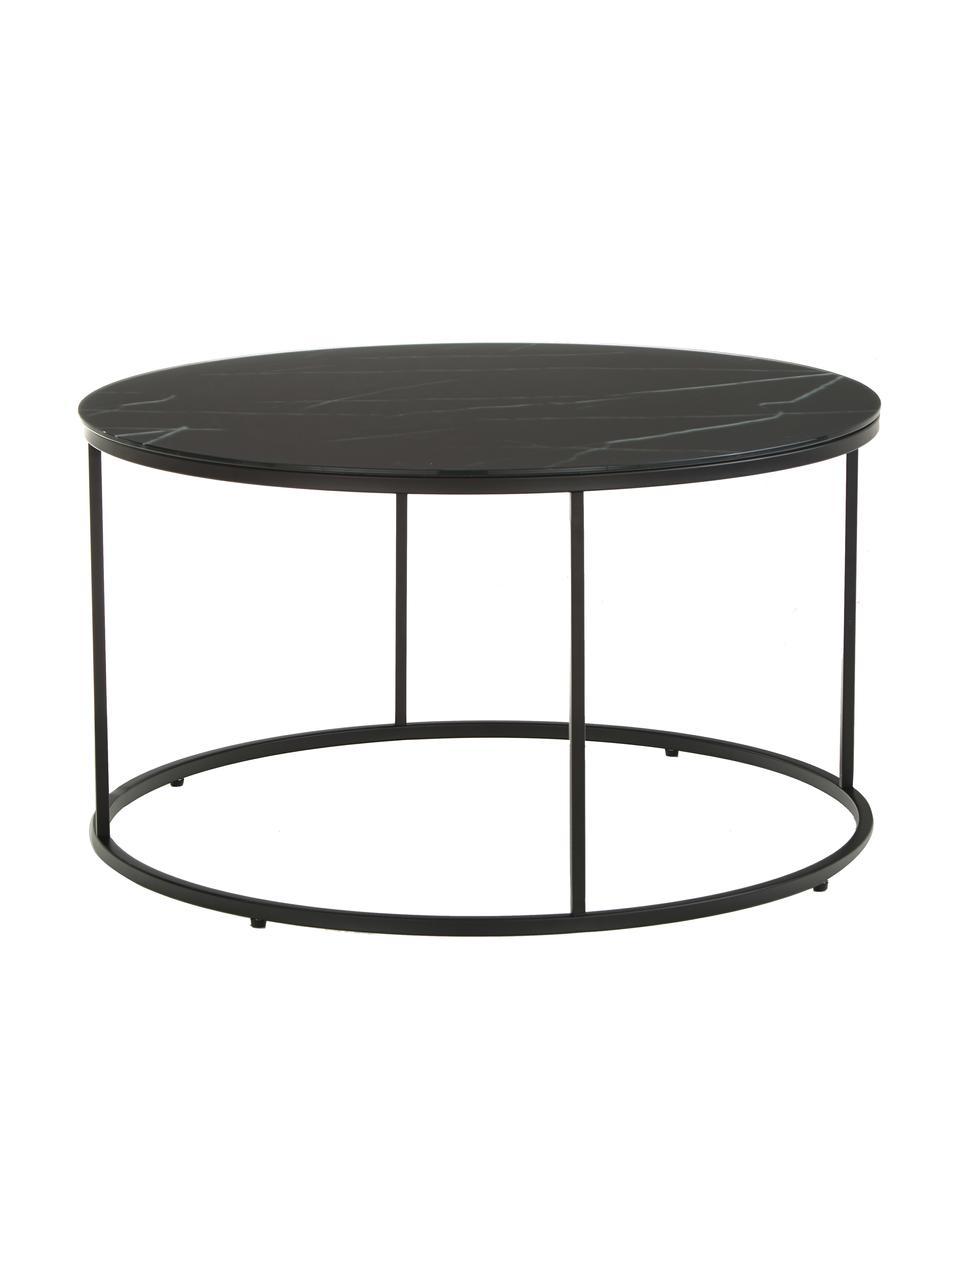 Salontafel Antigua met gemarmerde glazen tafelblad, Tafelblad: glas, mat bedrukt, Frame: gepoedercoat staal, Zwart-grijs gemarmerd, zwart, Ø 80 x H 45 cm